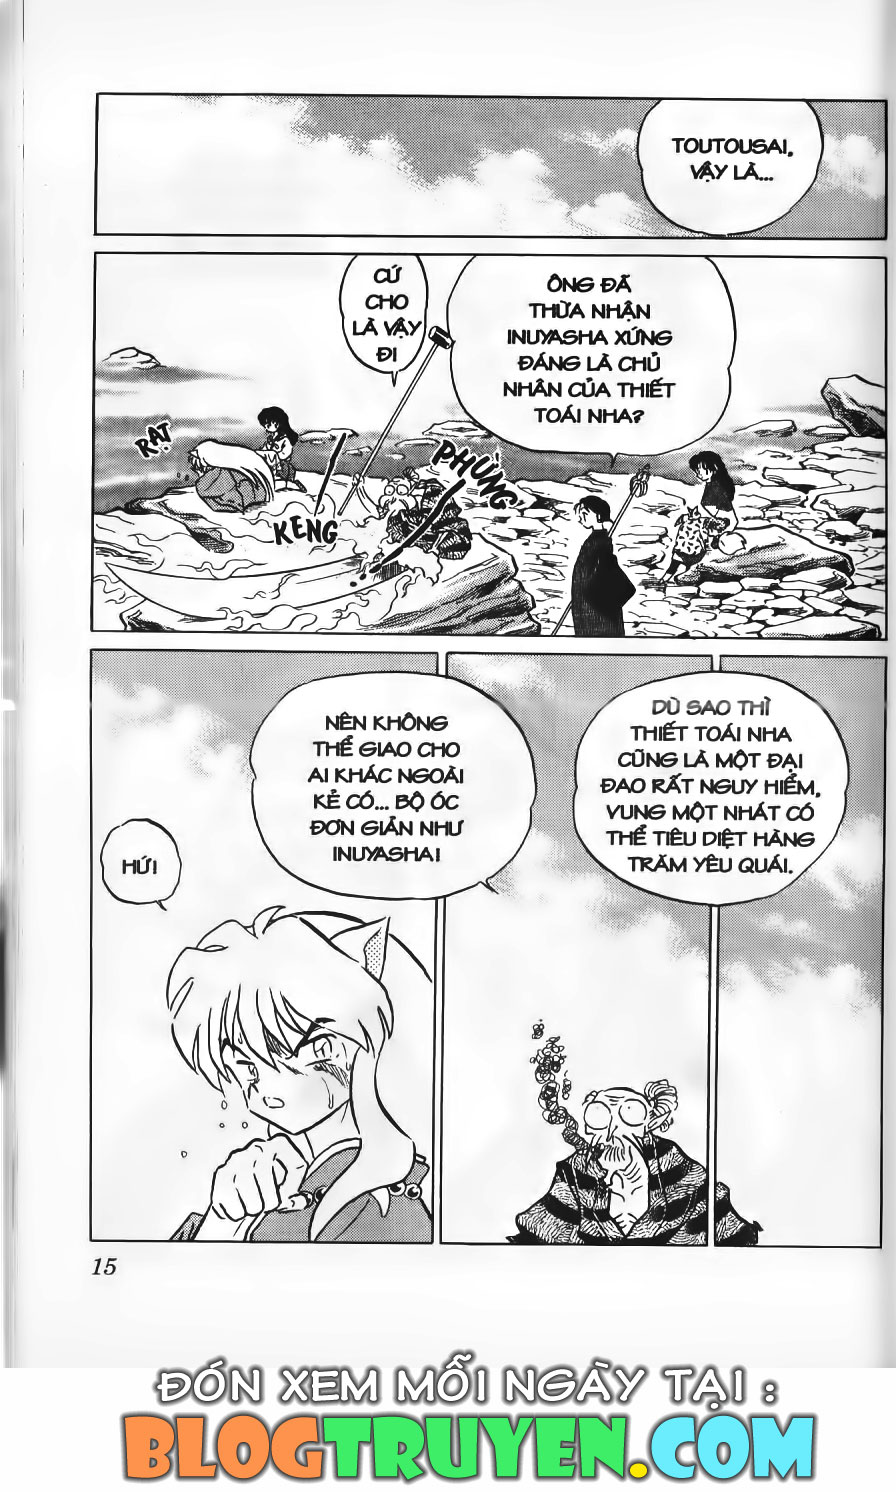 Inuyasha vol 14.1 trang 14